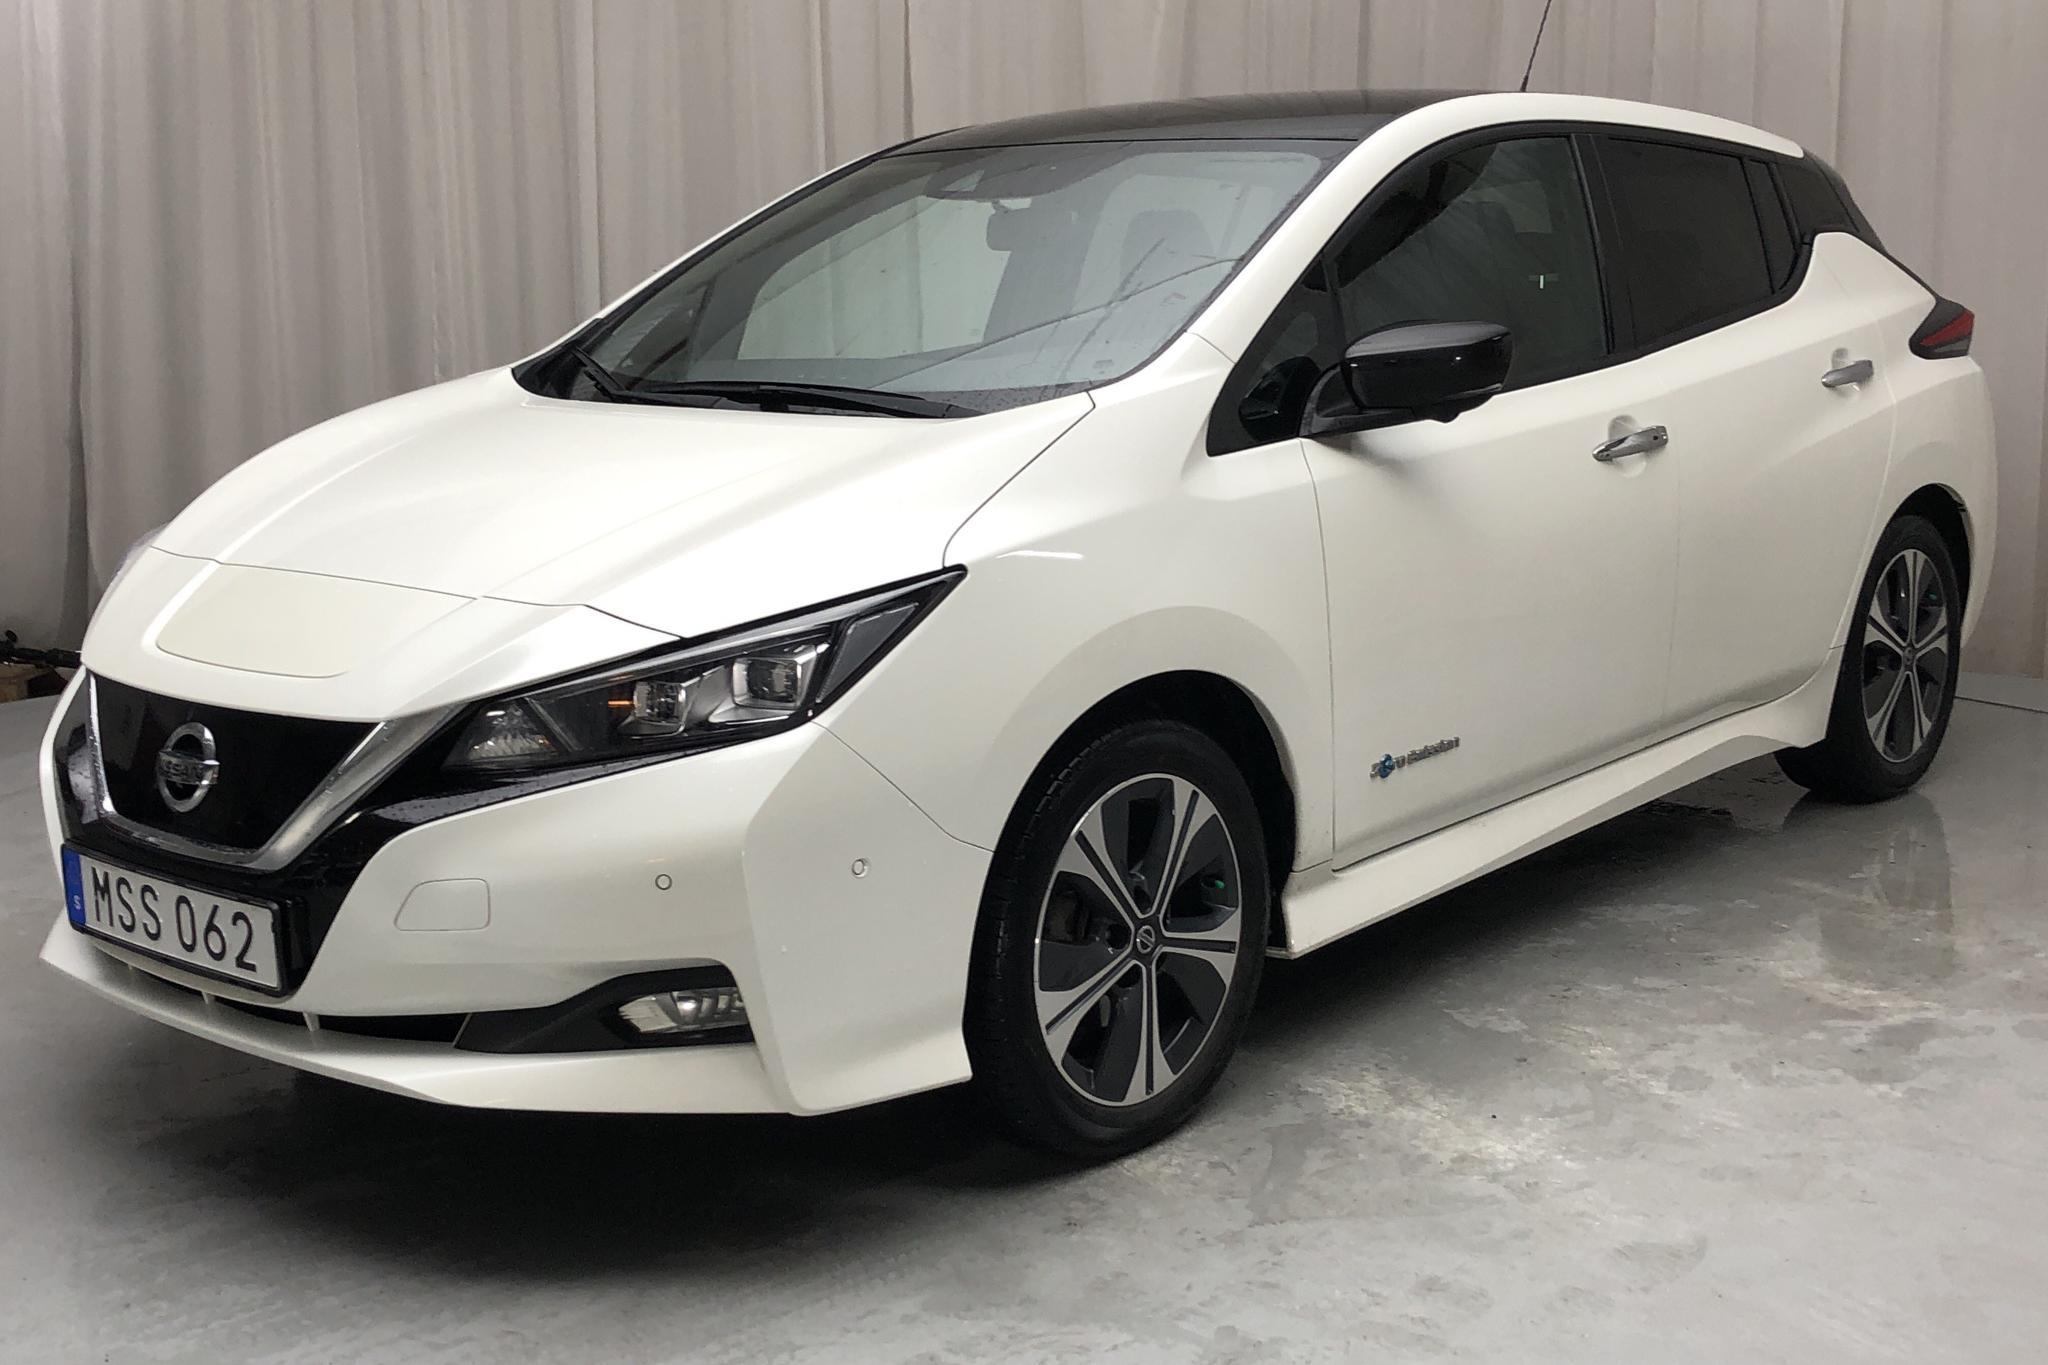 Nissan LEAF 5dr 40 kWh (150hk) - 8 929 mil - Automat - vit - 2018